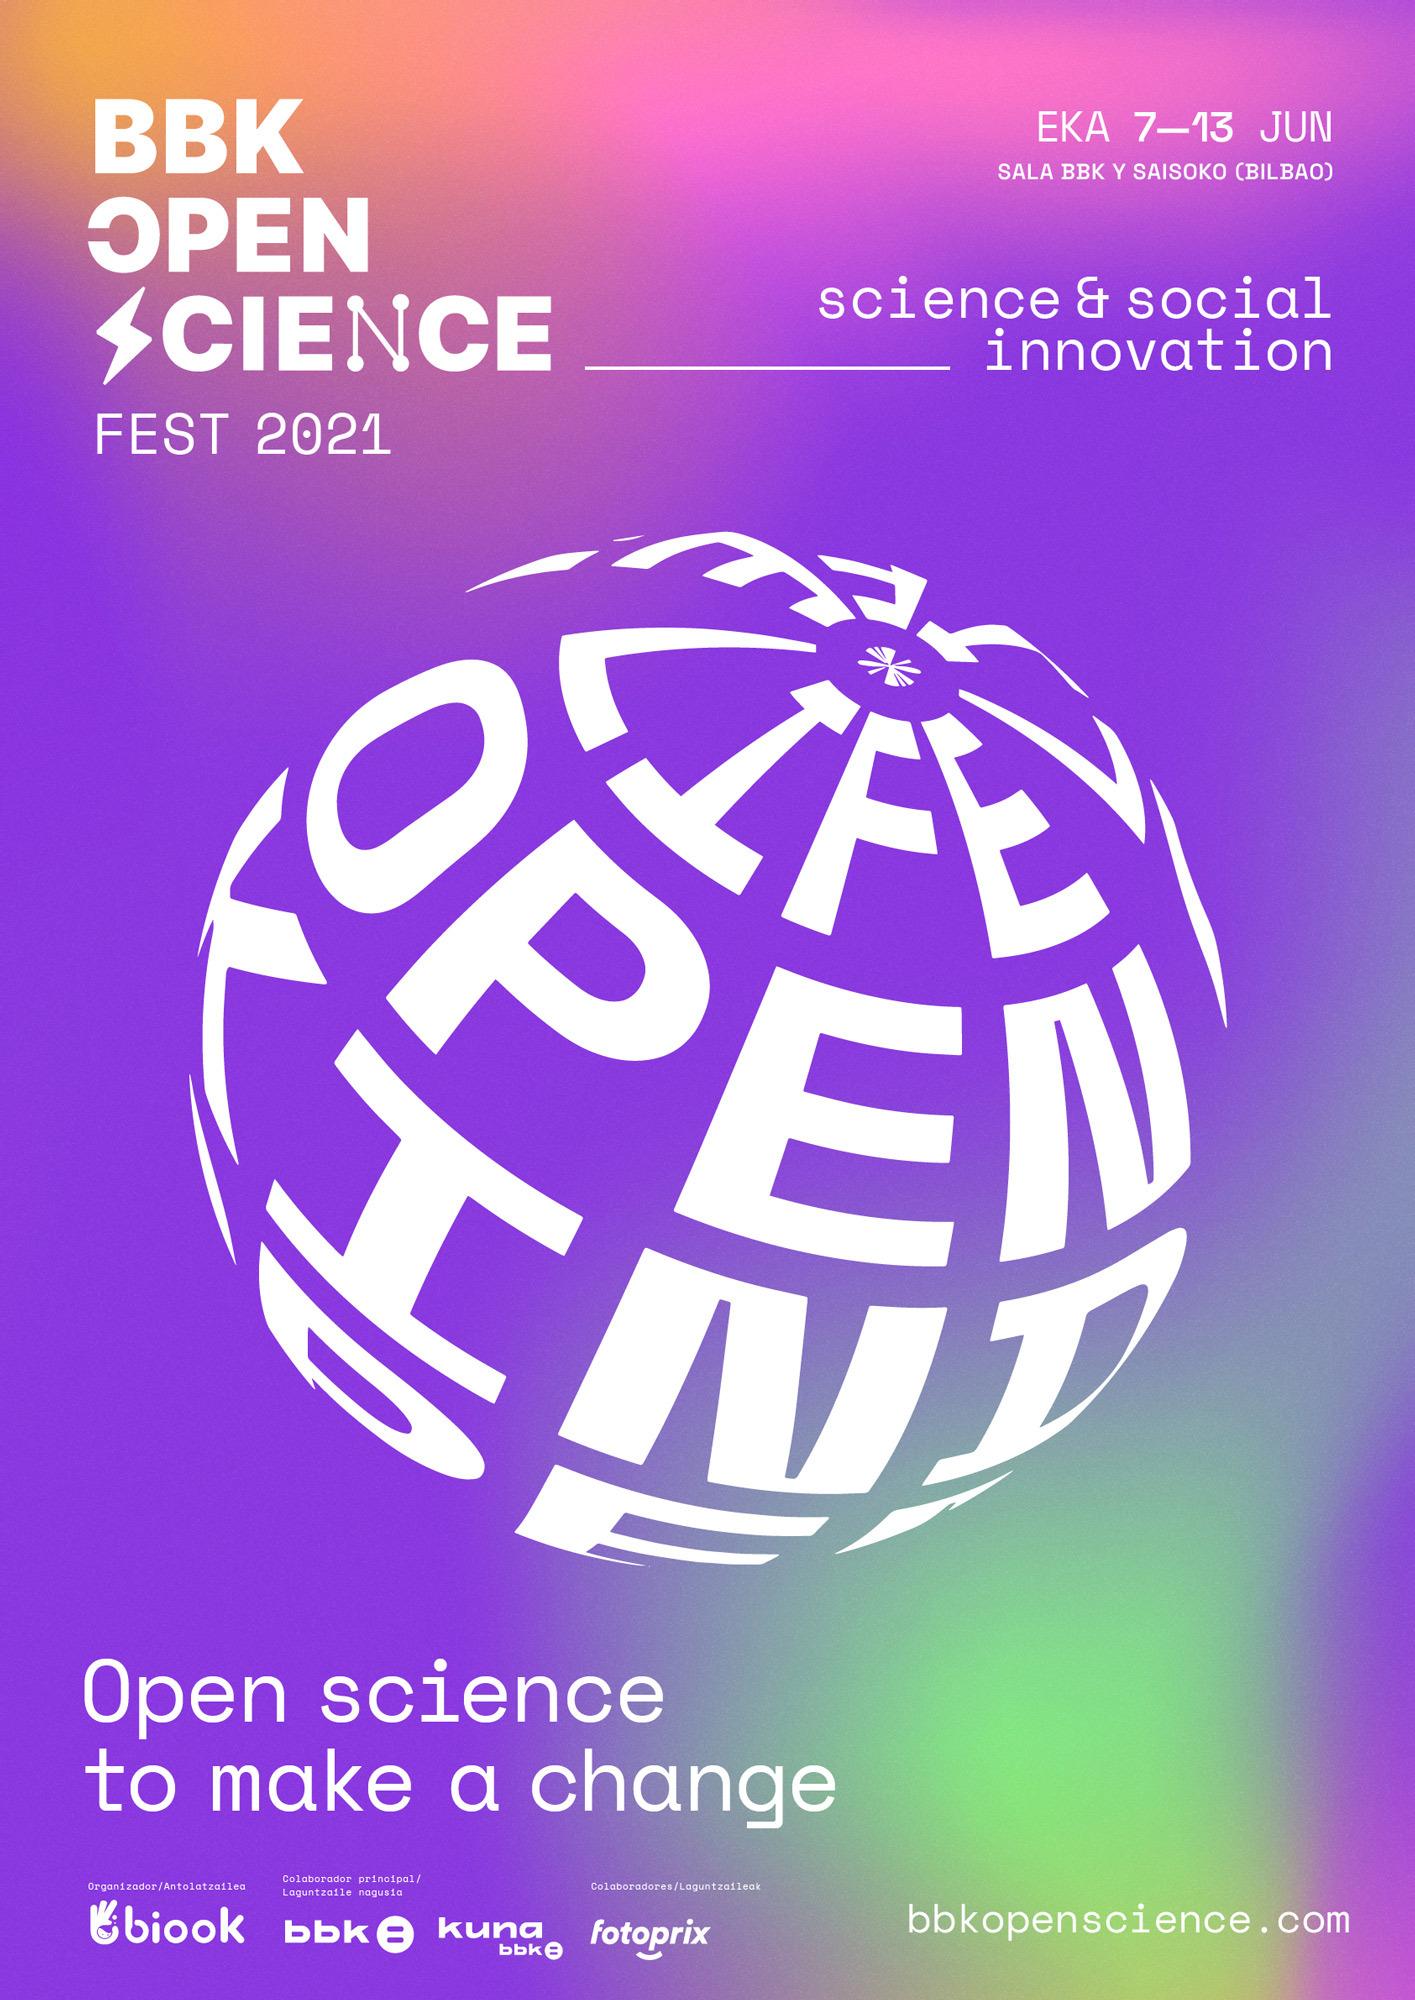 CARTEL BBK Open Science